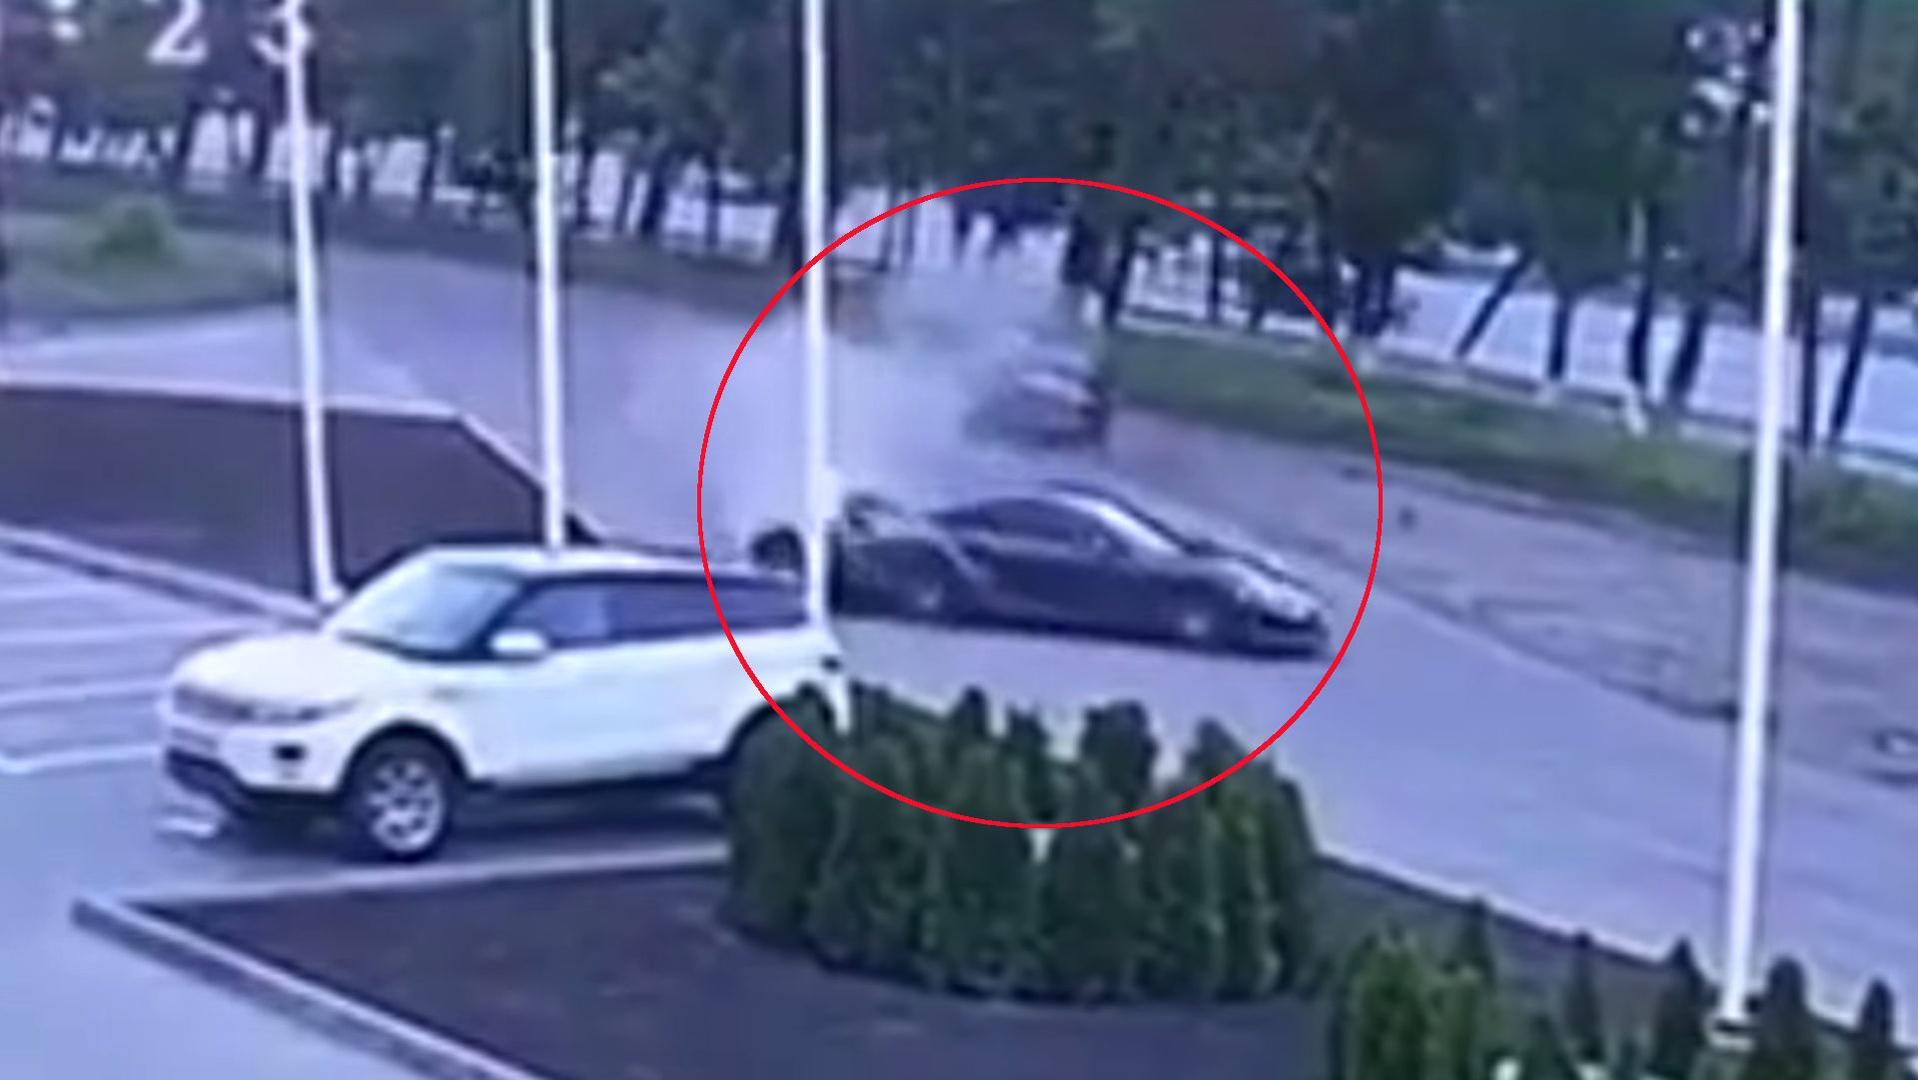 Porsche crash videos